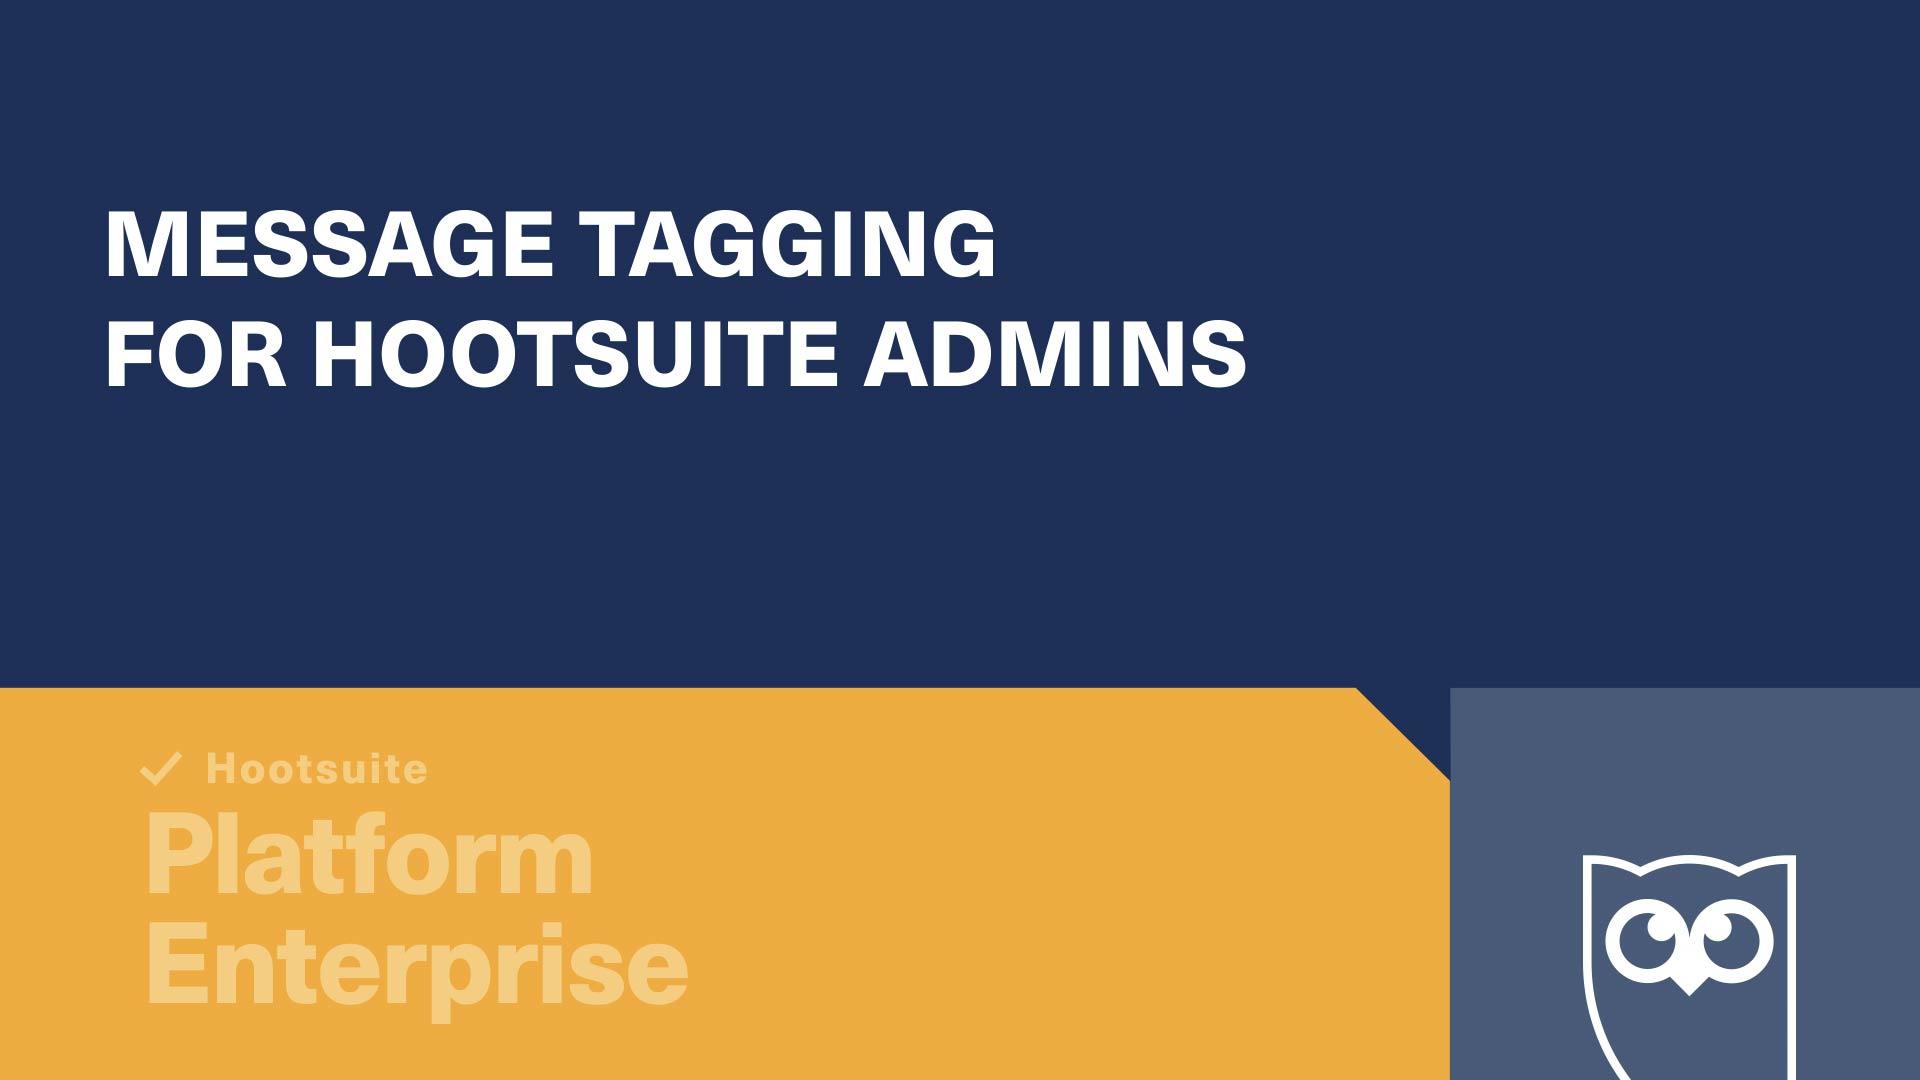 Vidéo sur le balisage des messages pour les administrateurs Hootsuite